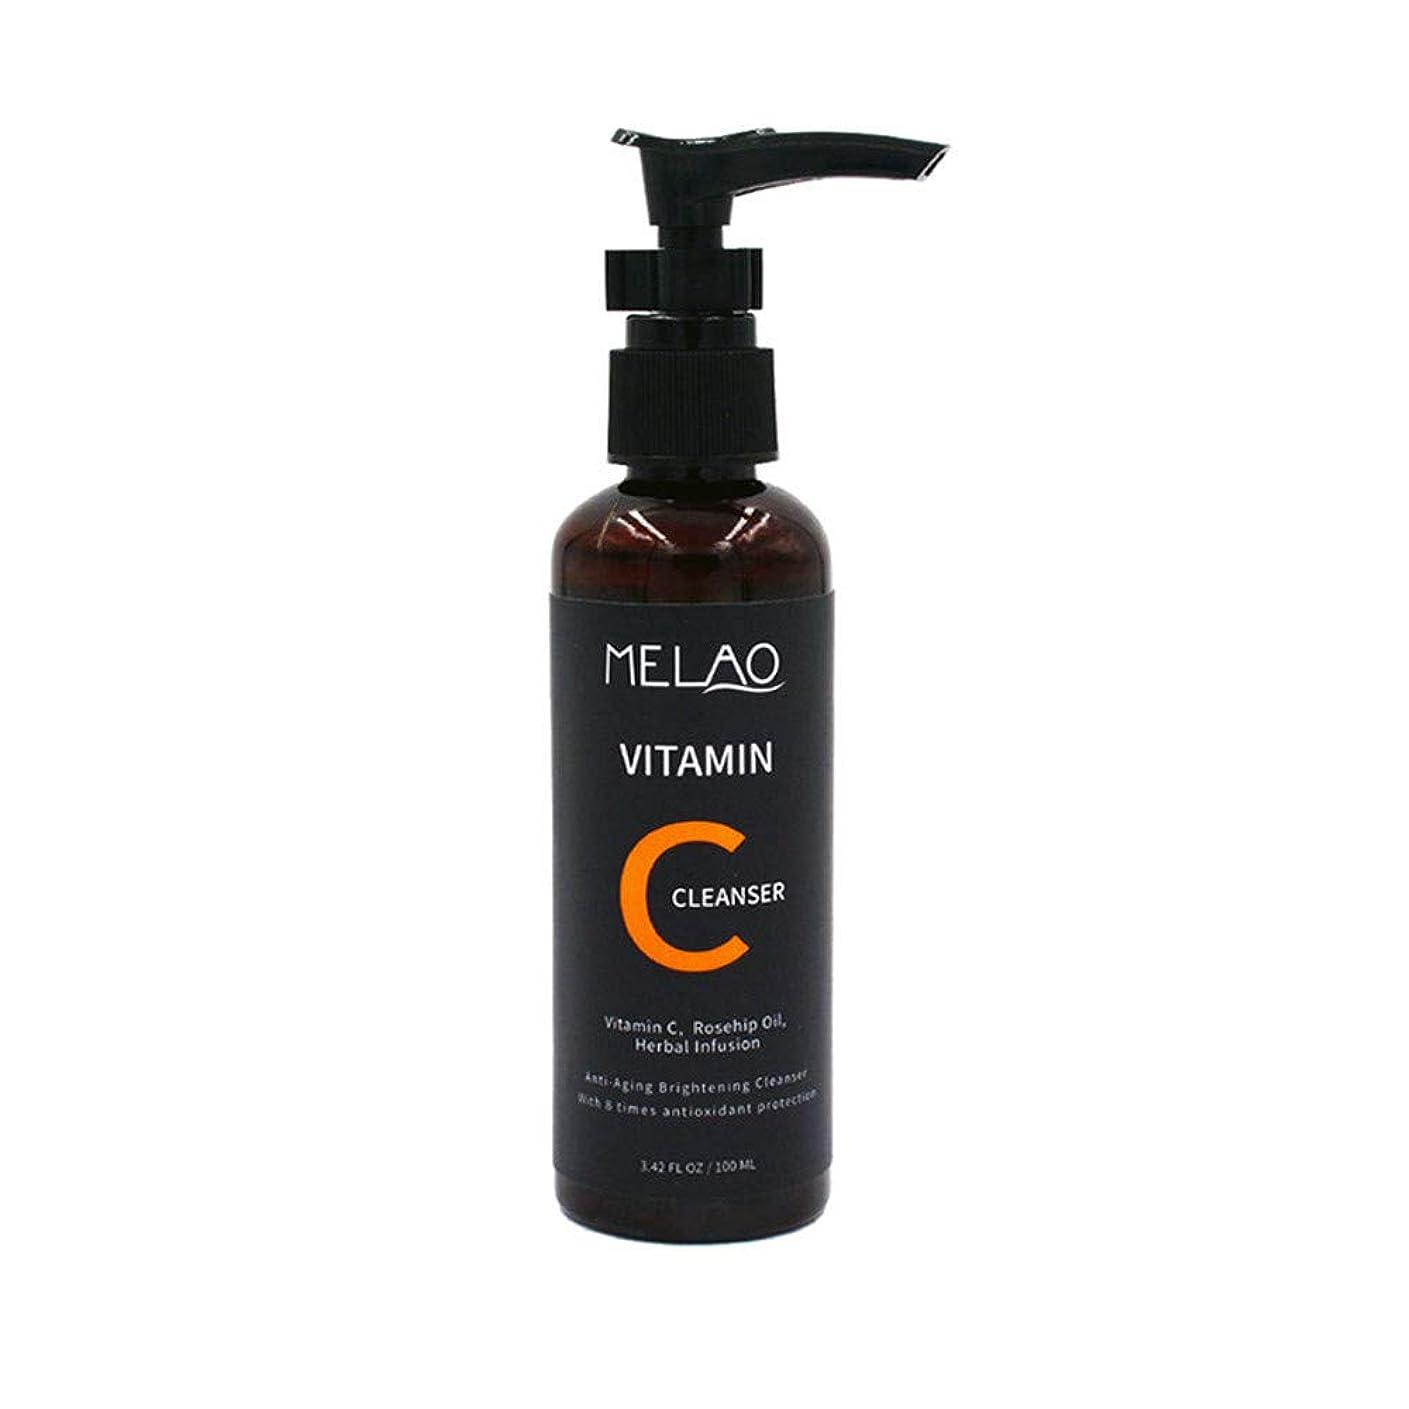 リハーサル私達パイプAkane MELAO VC 顔洗い 深層 清潔 押す 保湿 浄化 角質除去 クレンジング 綺麗に オイルコントロール 使いやすい 洗顔料 アロエクリーム 100ml MC180202